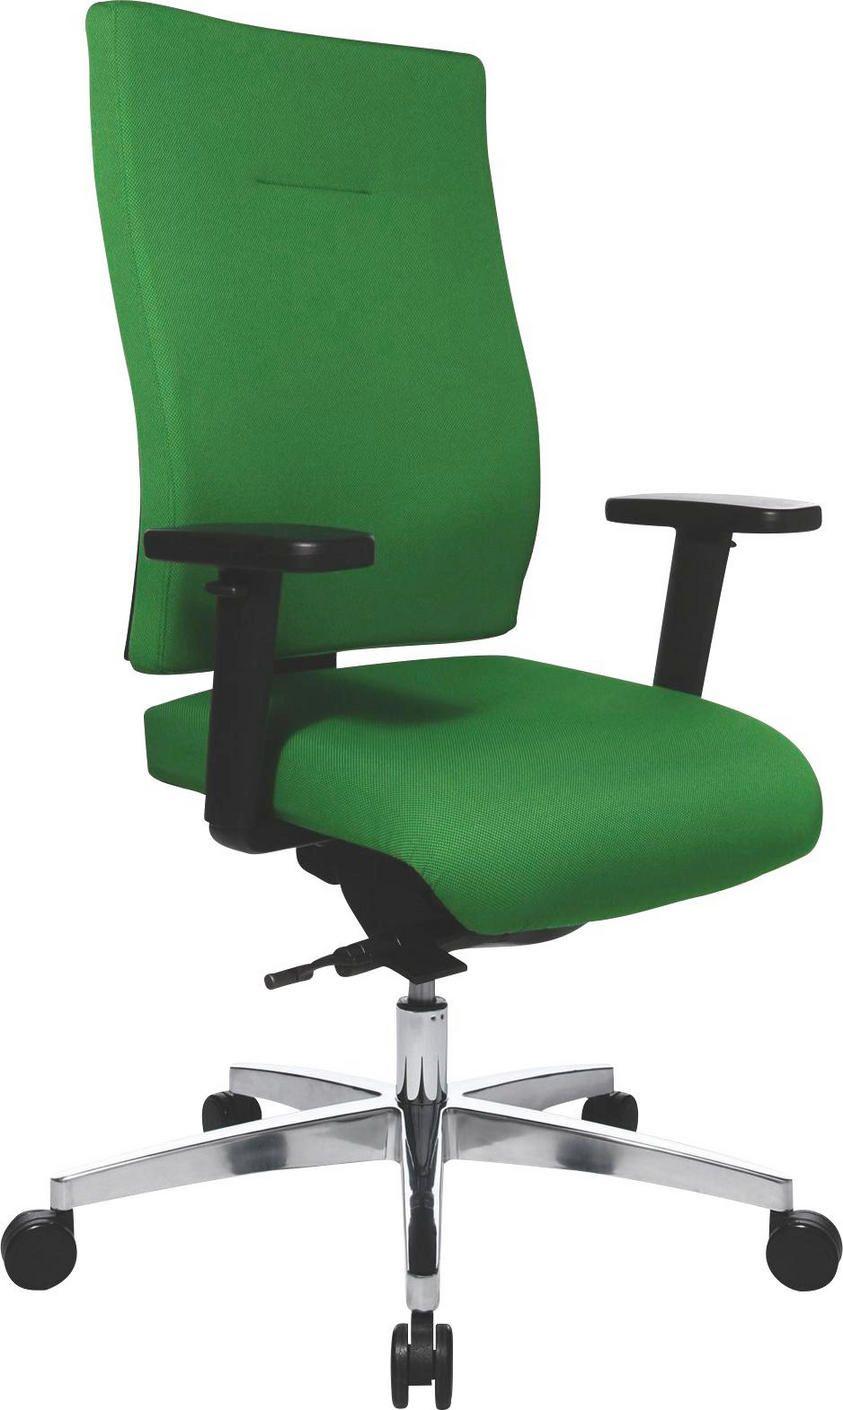 Schreibtischsessel Mit Armlehnen Chefsessel In Alufarben Burostuhl Dunkelgrun Schreibtischsessel Burostuhl Sessel